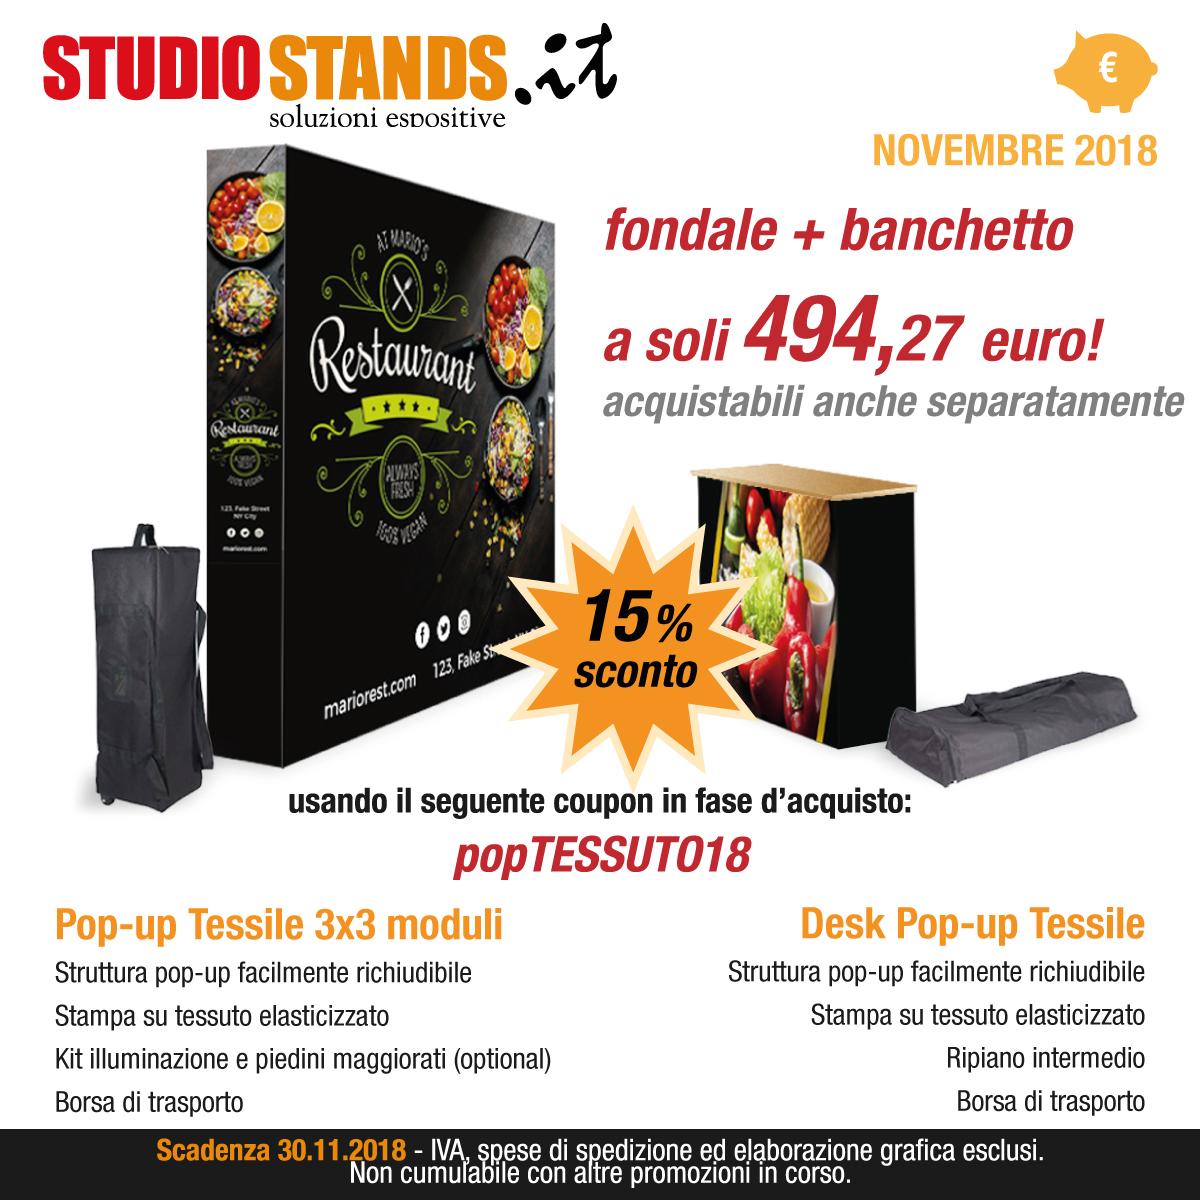 Studio Stands: